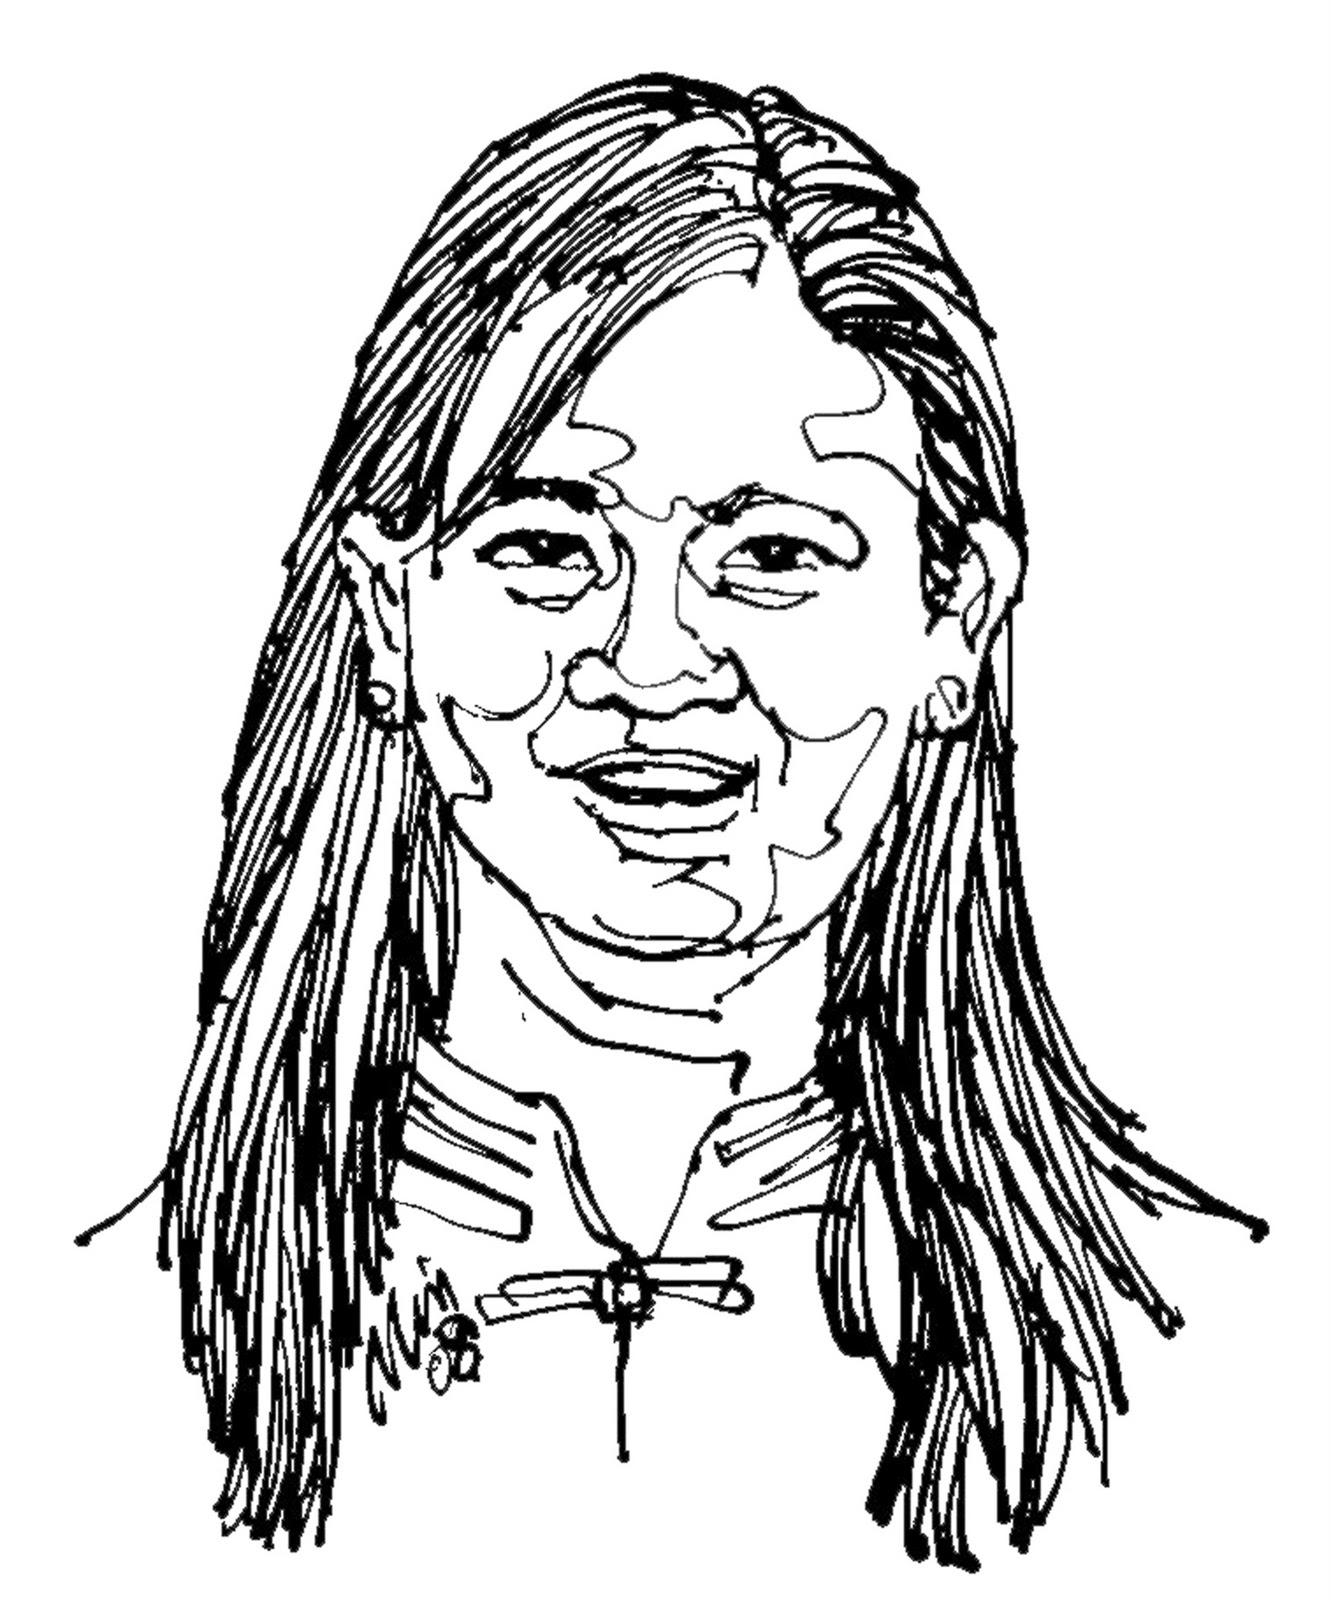 Min Kyaw Khine My Sketches